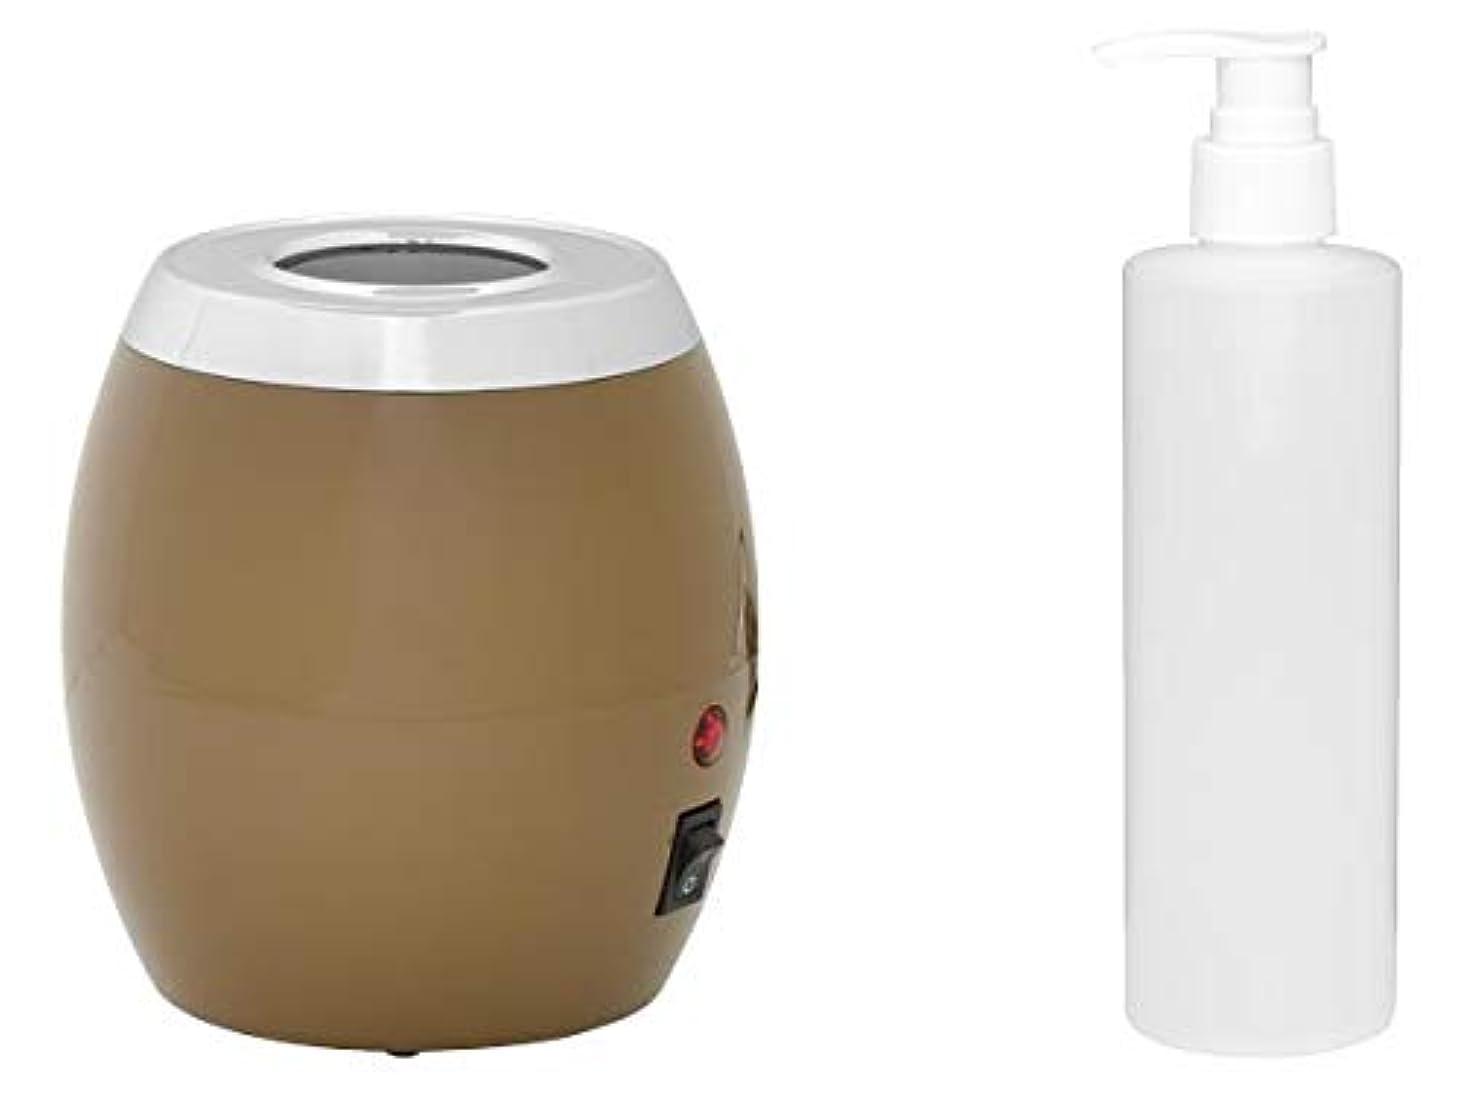 小石節約するアスリートオイルヒーター ボトル付 オイルウォーマー マッサージオイル ボディオイル ヒーター ウォーマー